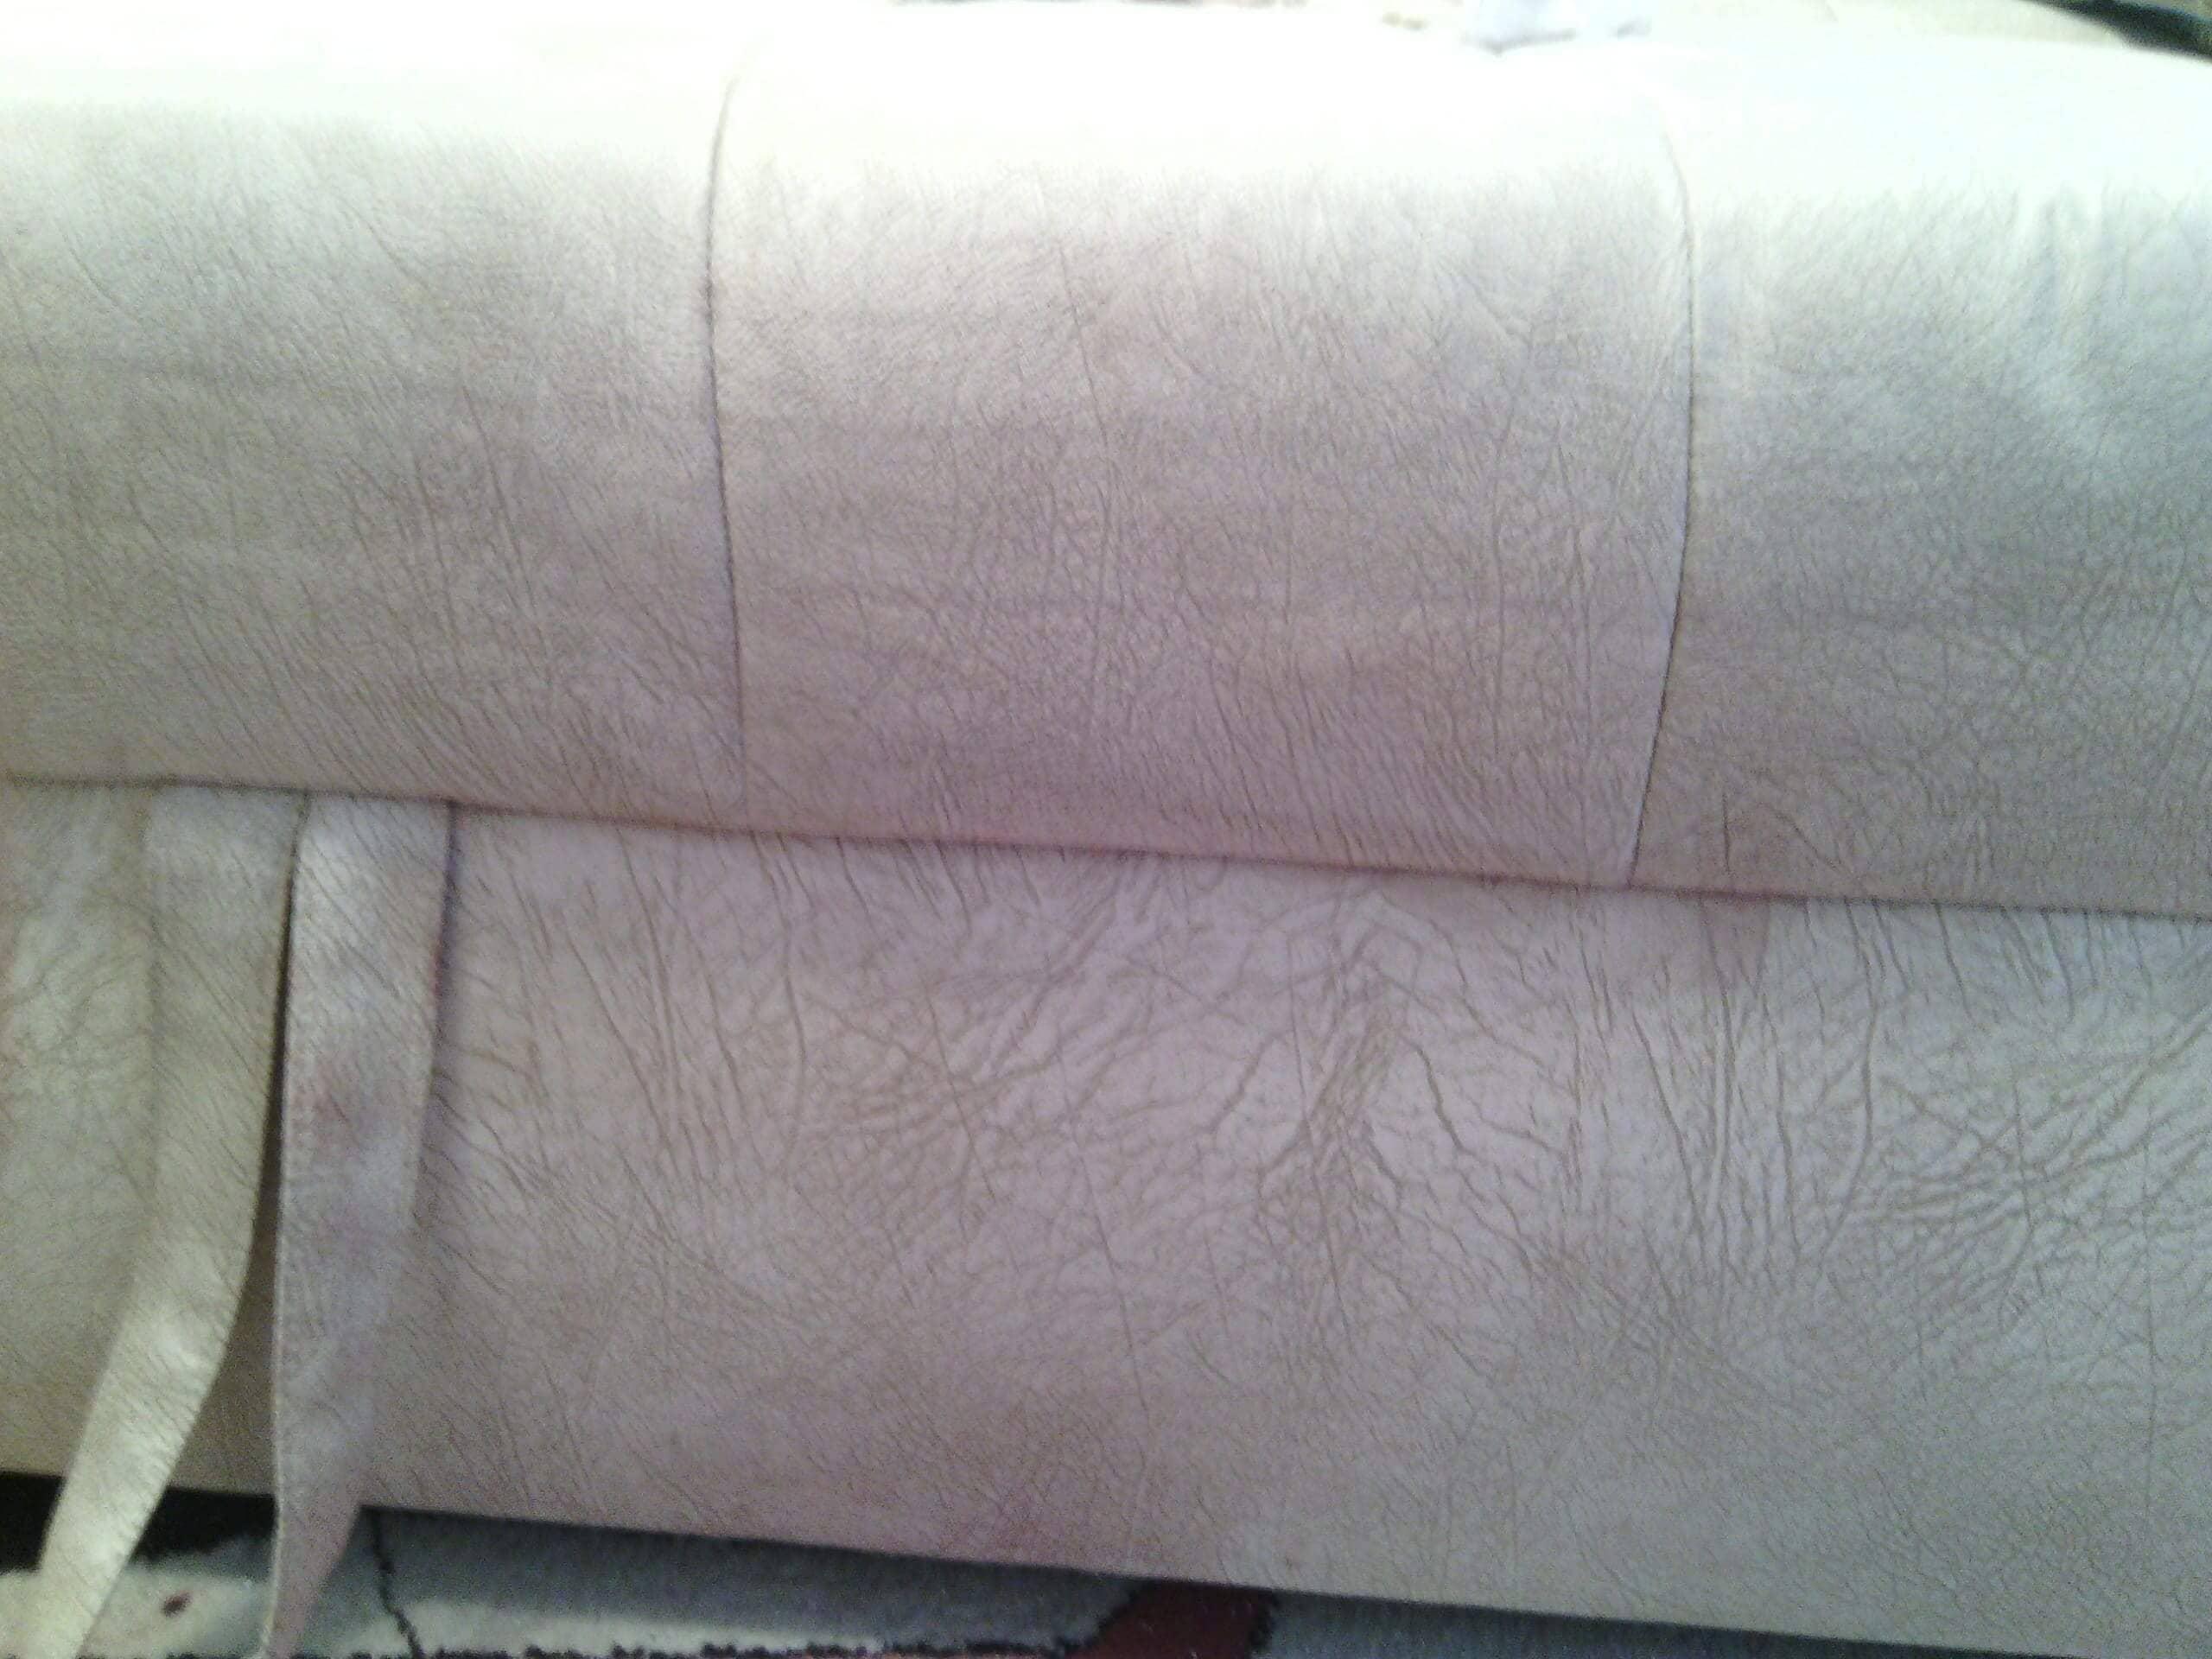 химчистка на дому кожаной мебели Мытищи недорого